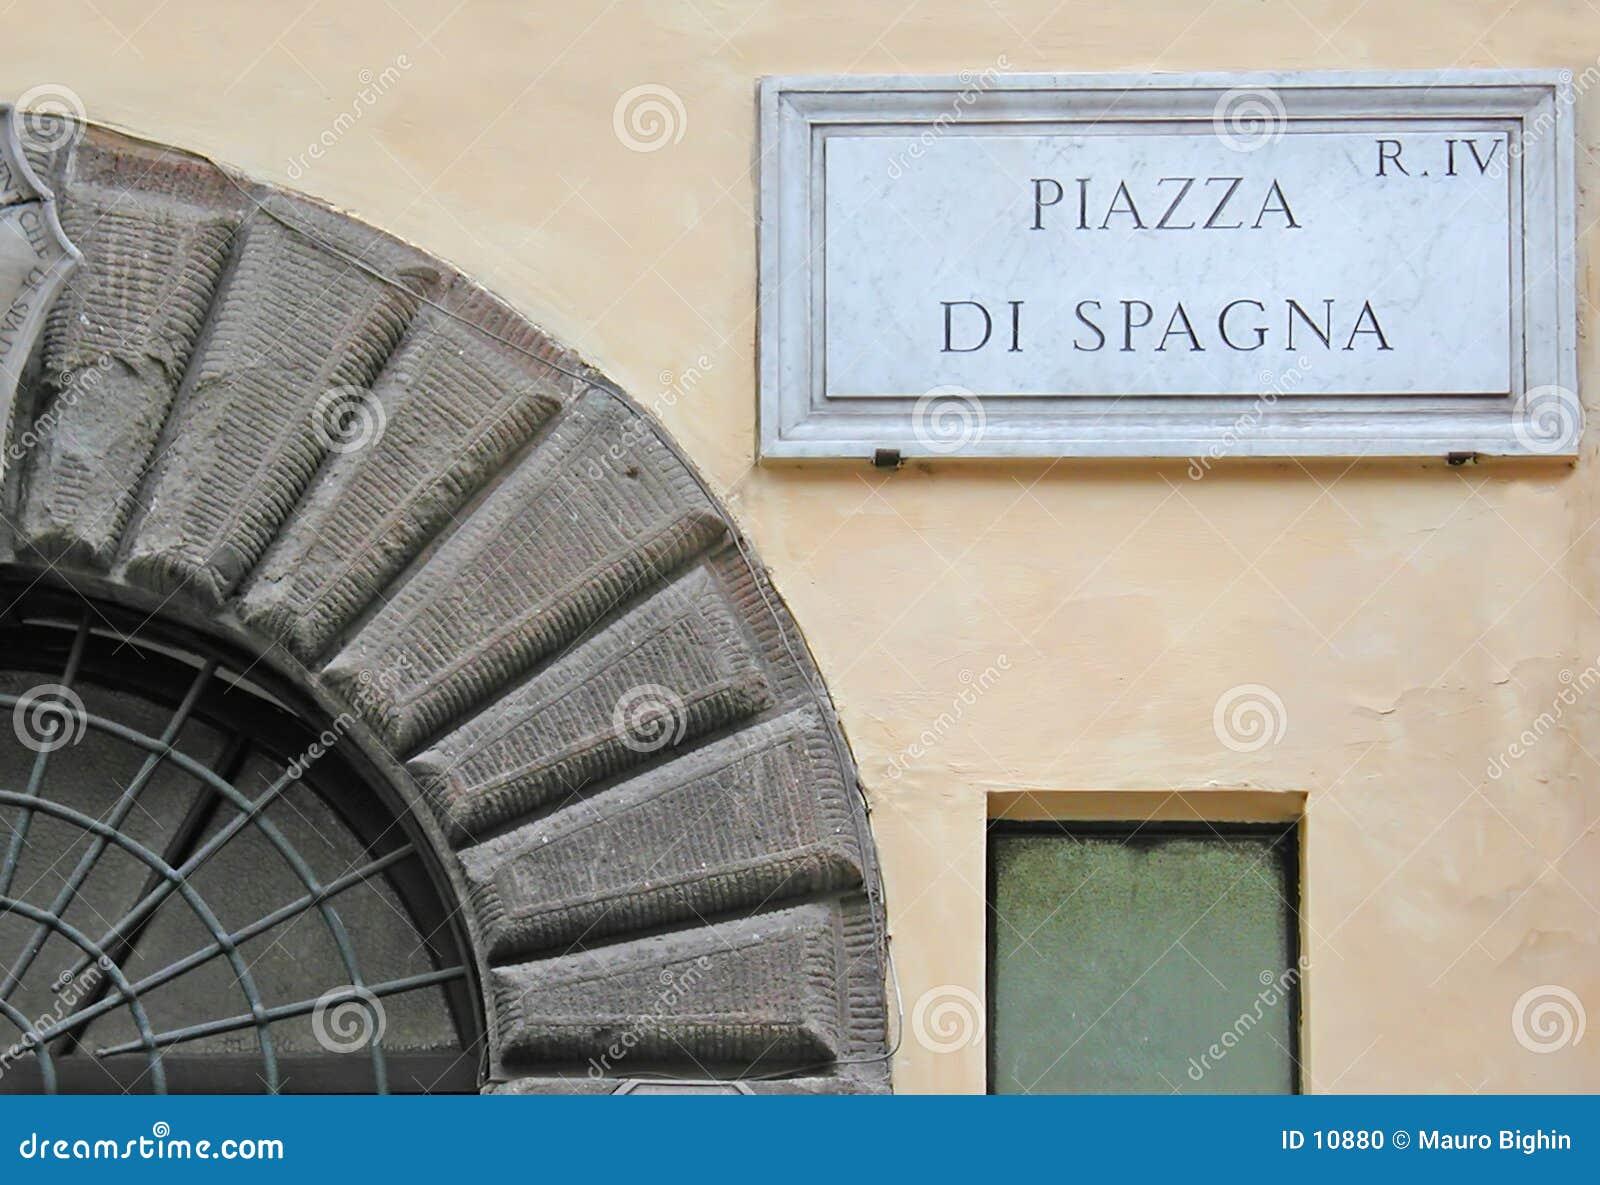 二意大利广场罗马符号spagna